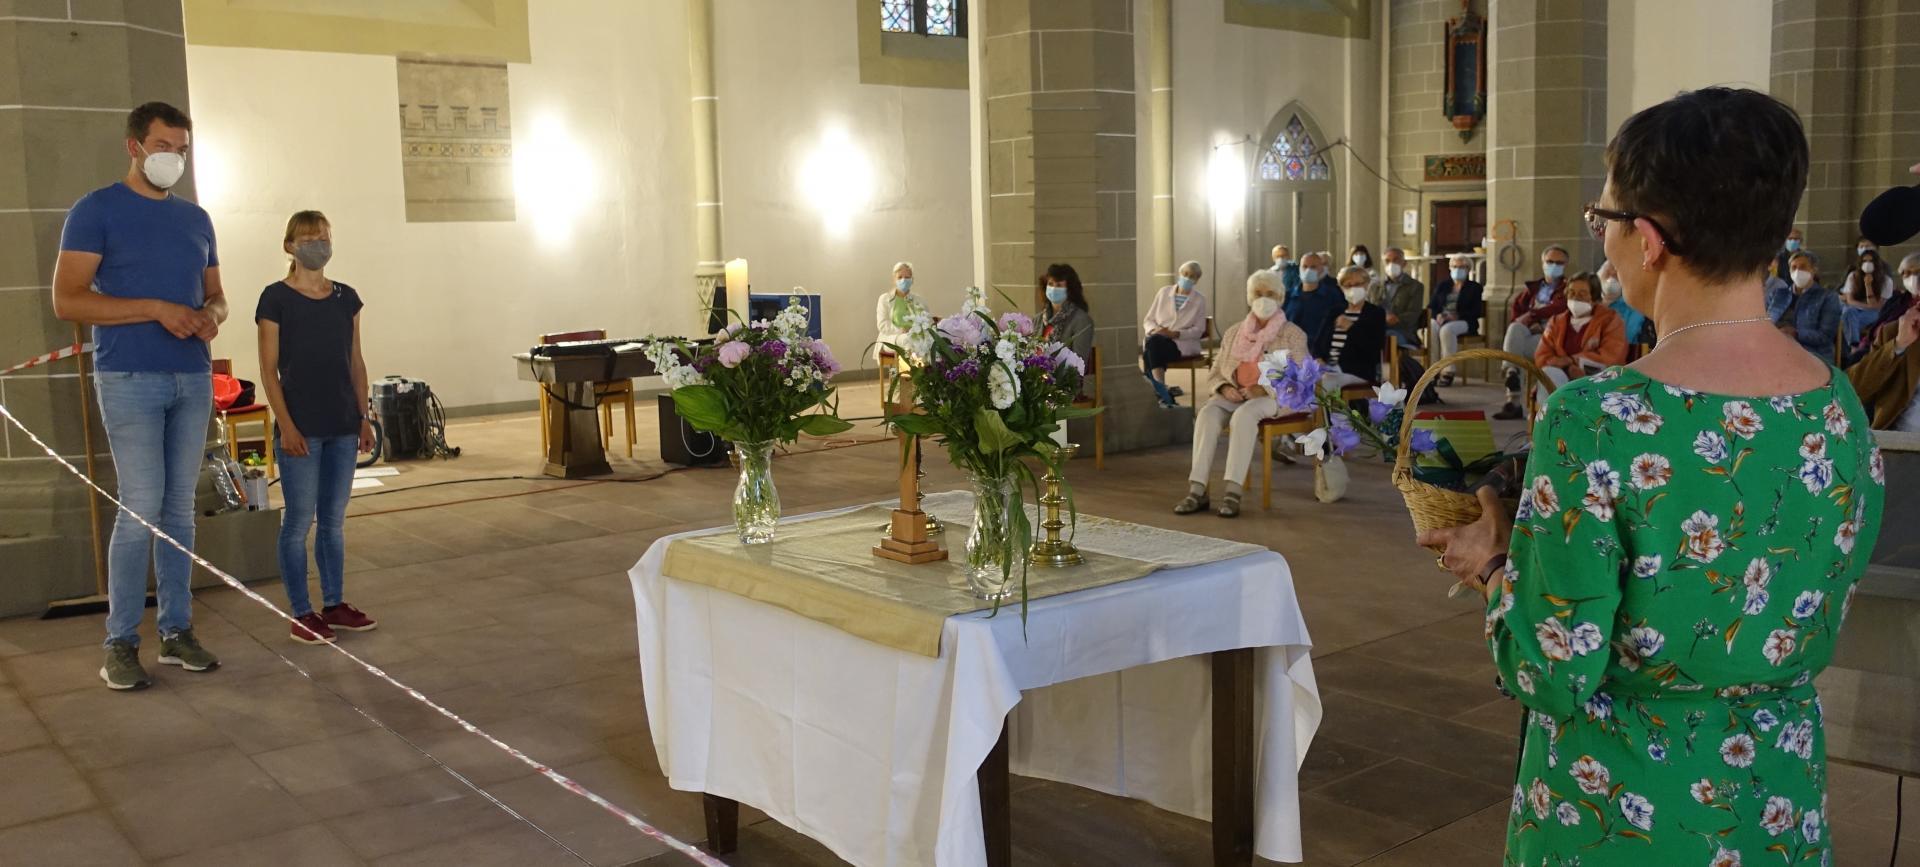 Rosi Leuze gratuliert zum Zehnjährigen bei uns im Namen des Kirchenvorstandes und damit im Namen der ganzen Kirchengemeinde und sicherlich auch im Namen der ganzen Stadt mit Umkreis.